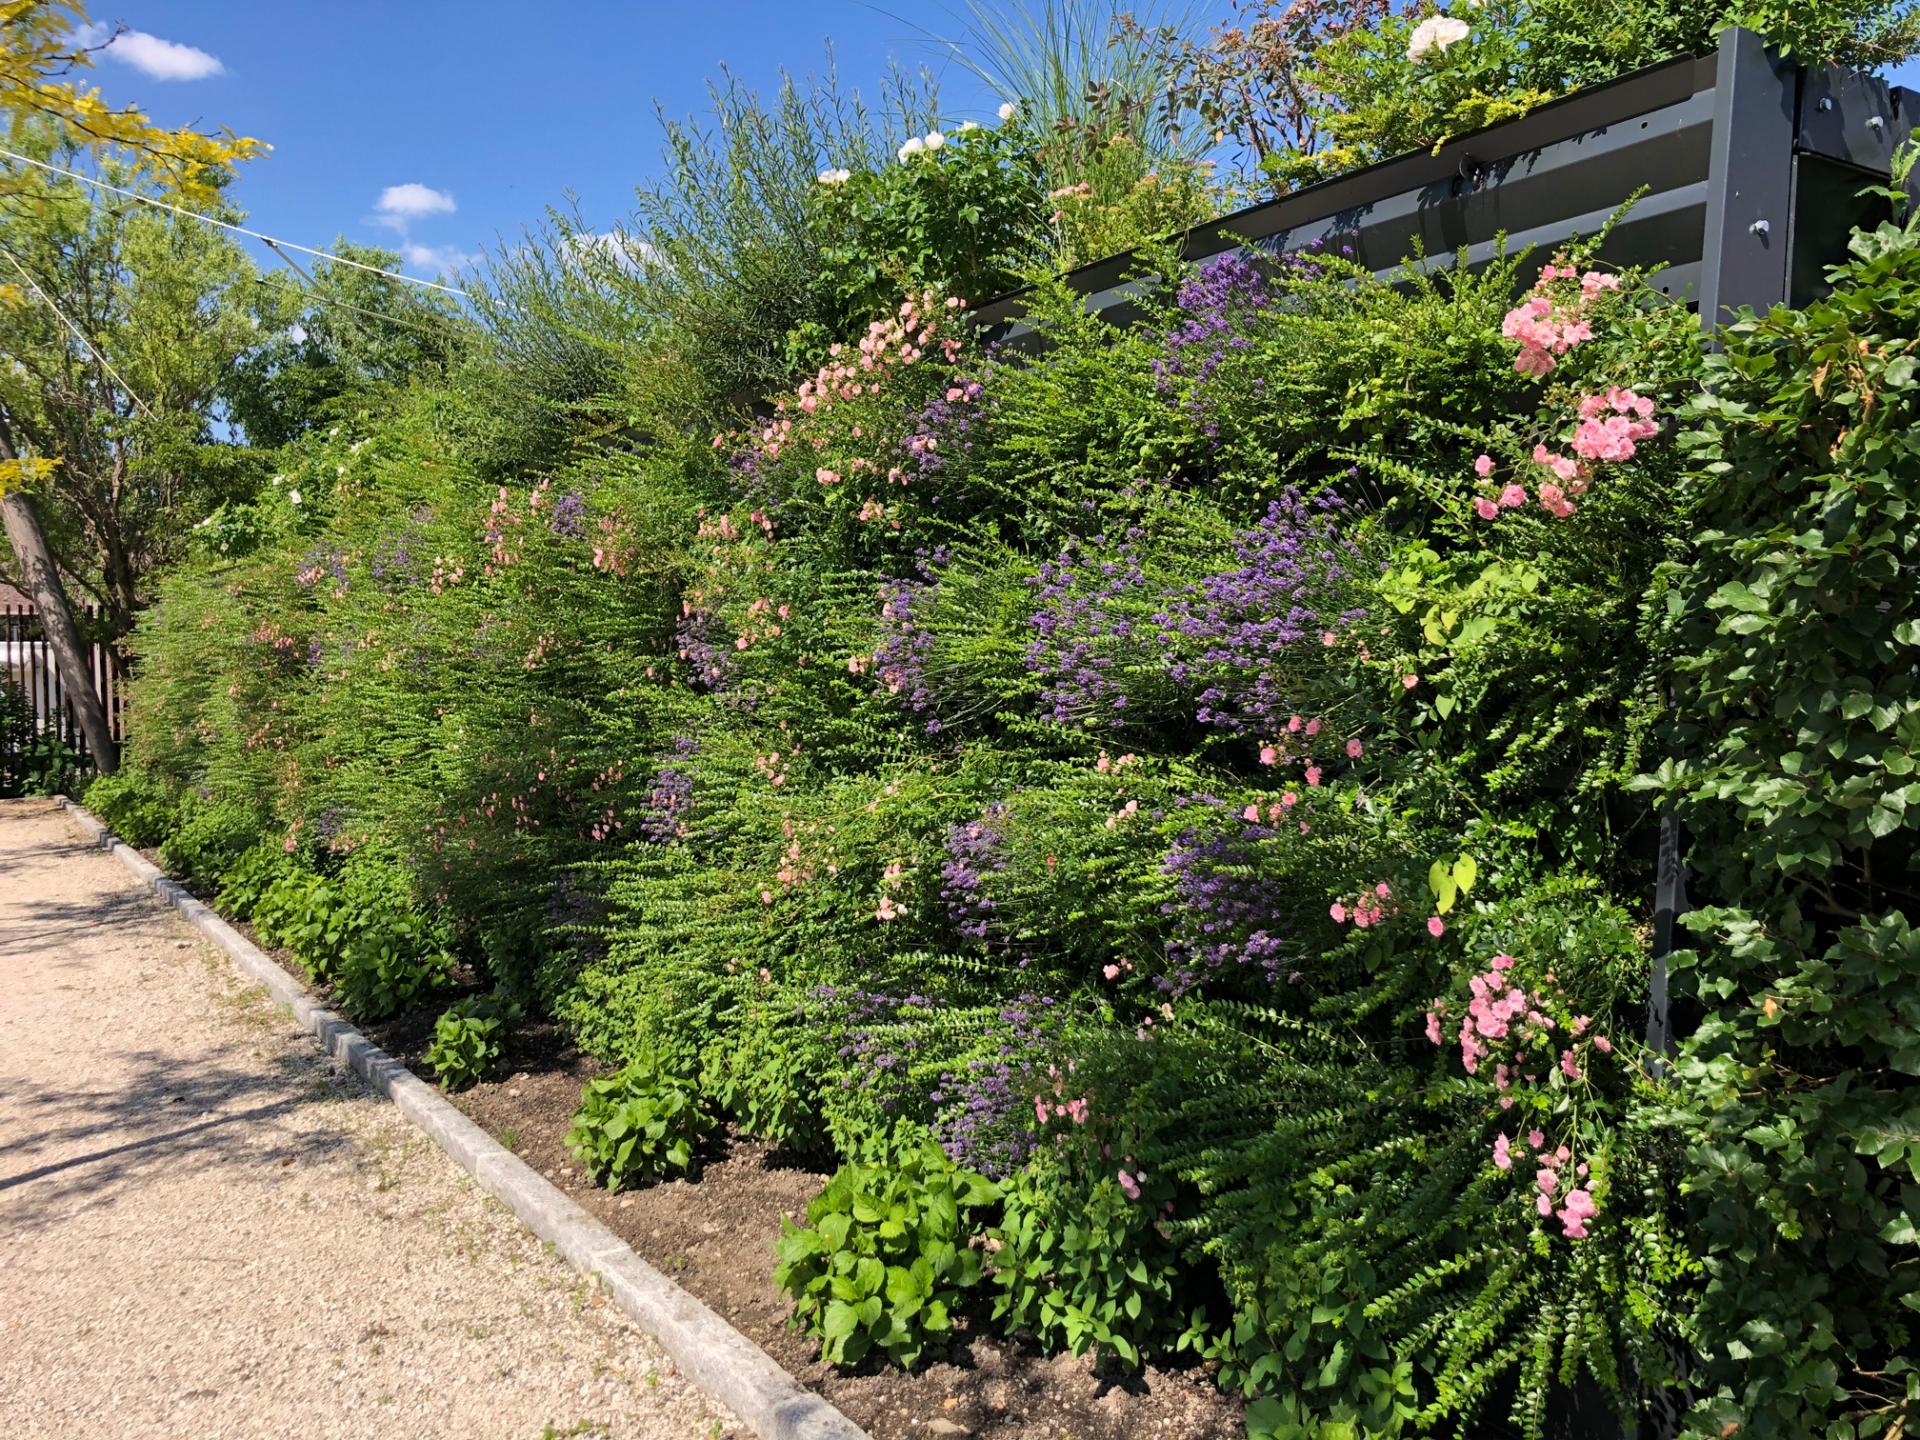 naturawall Lärmschutz im Garten - begrünte Lärmschutzwand